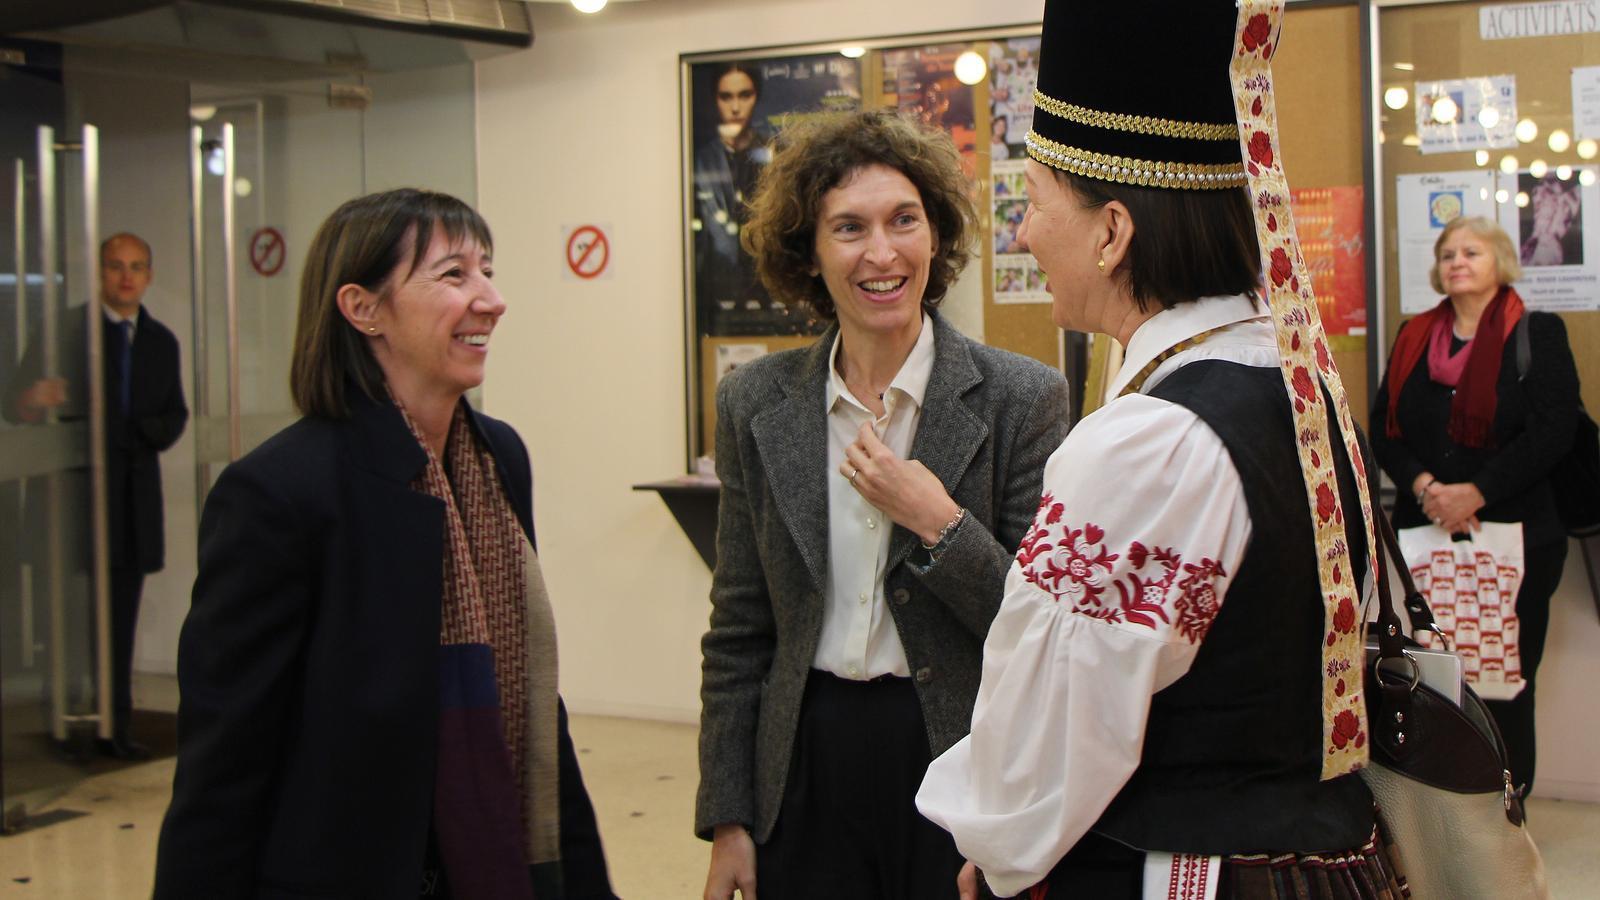 L'ambaixadora de Lituània per a Espanya i Andorra, Skaisté Aniuliené, conversa amb les ministres d'Afers Exteriors, Maria Ubach, i de Funció Pública i Reforma de l'Administració, Eva Descarrega. / M. F. (ANA)